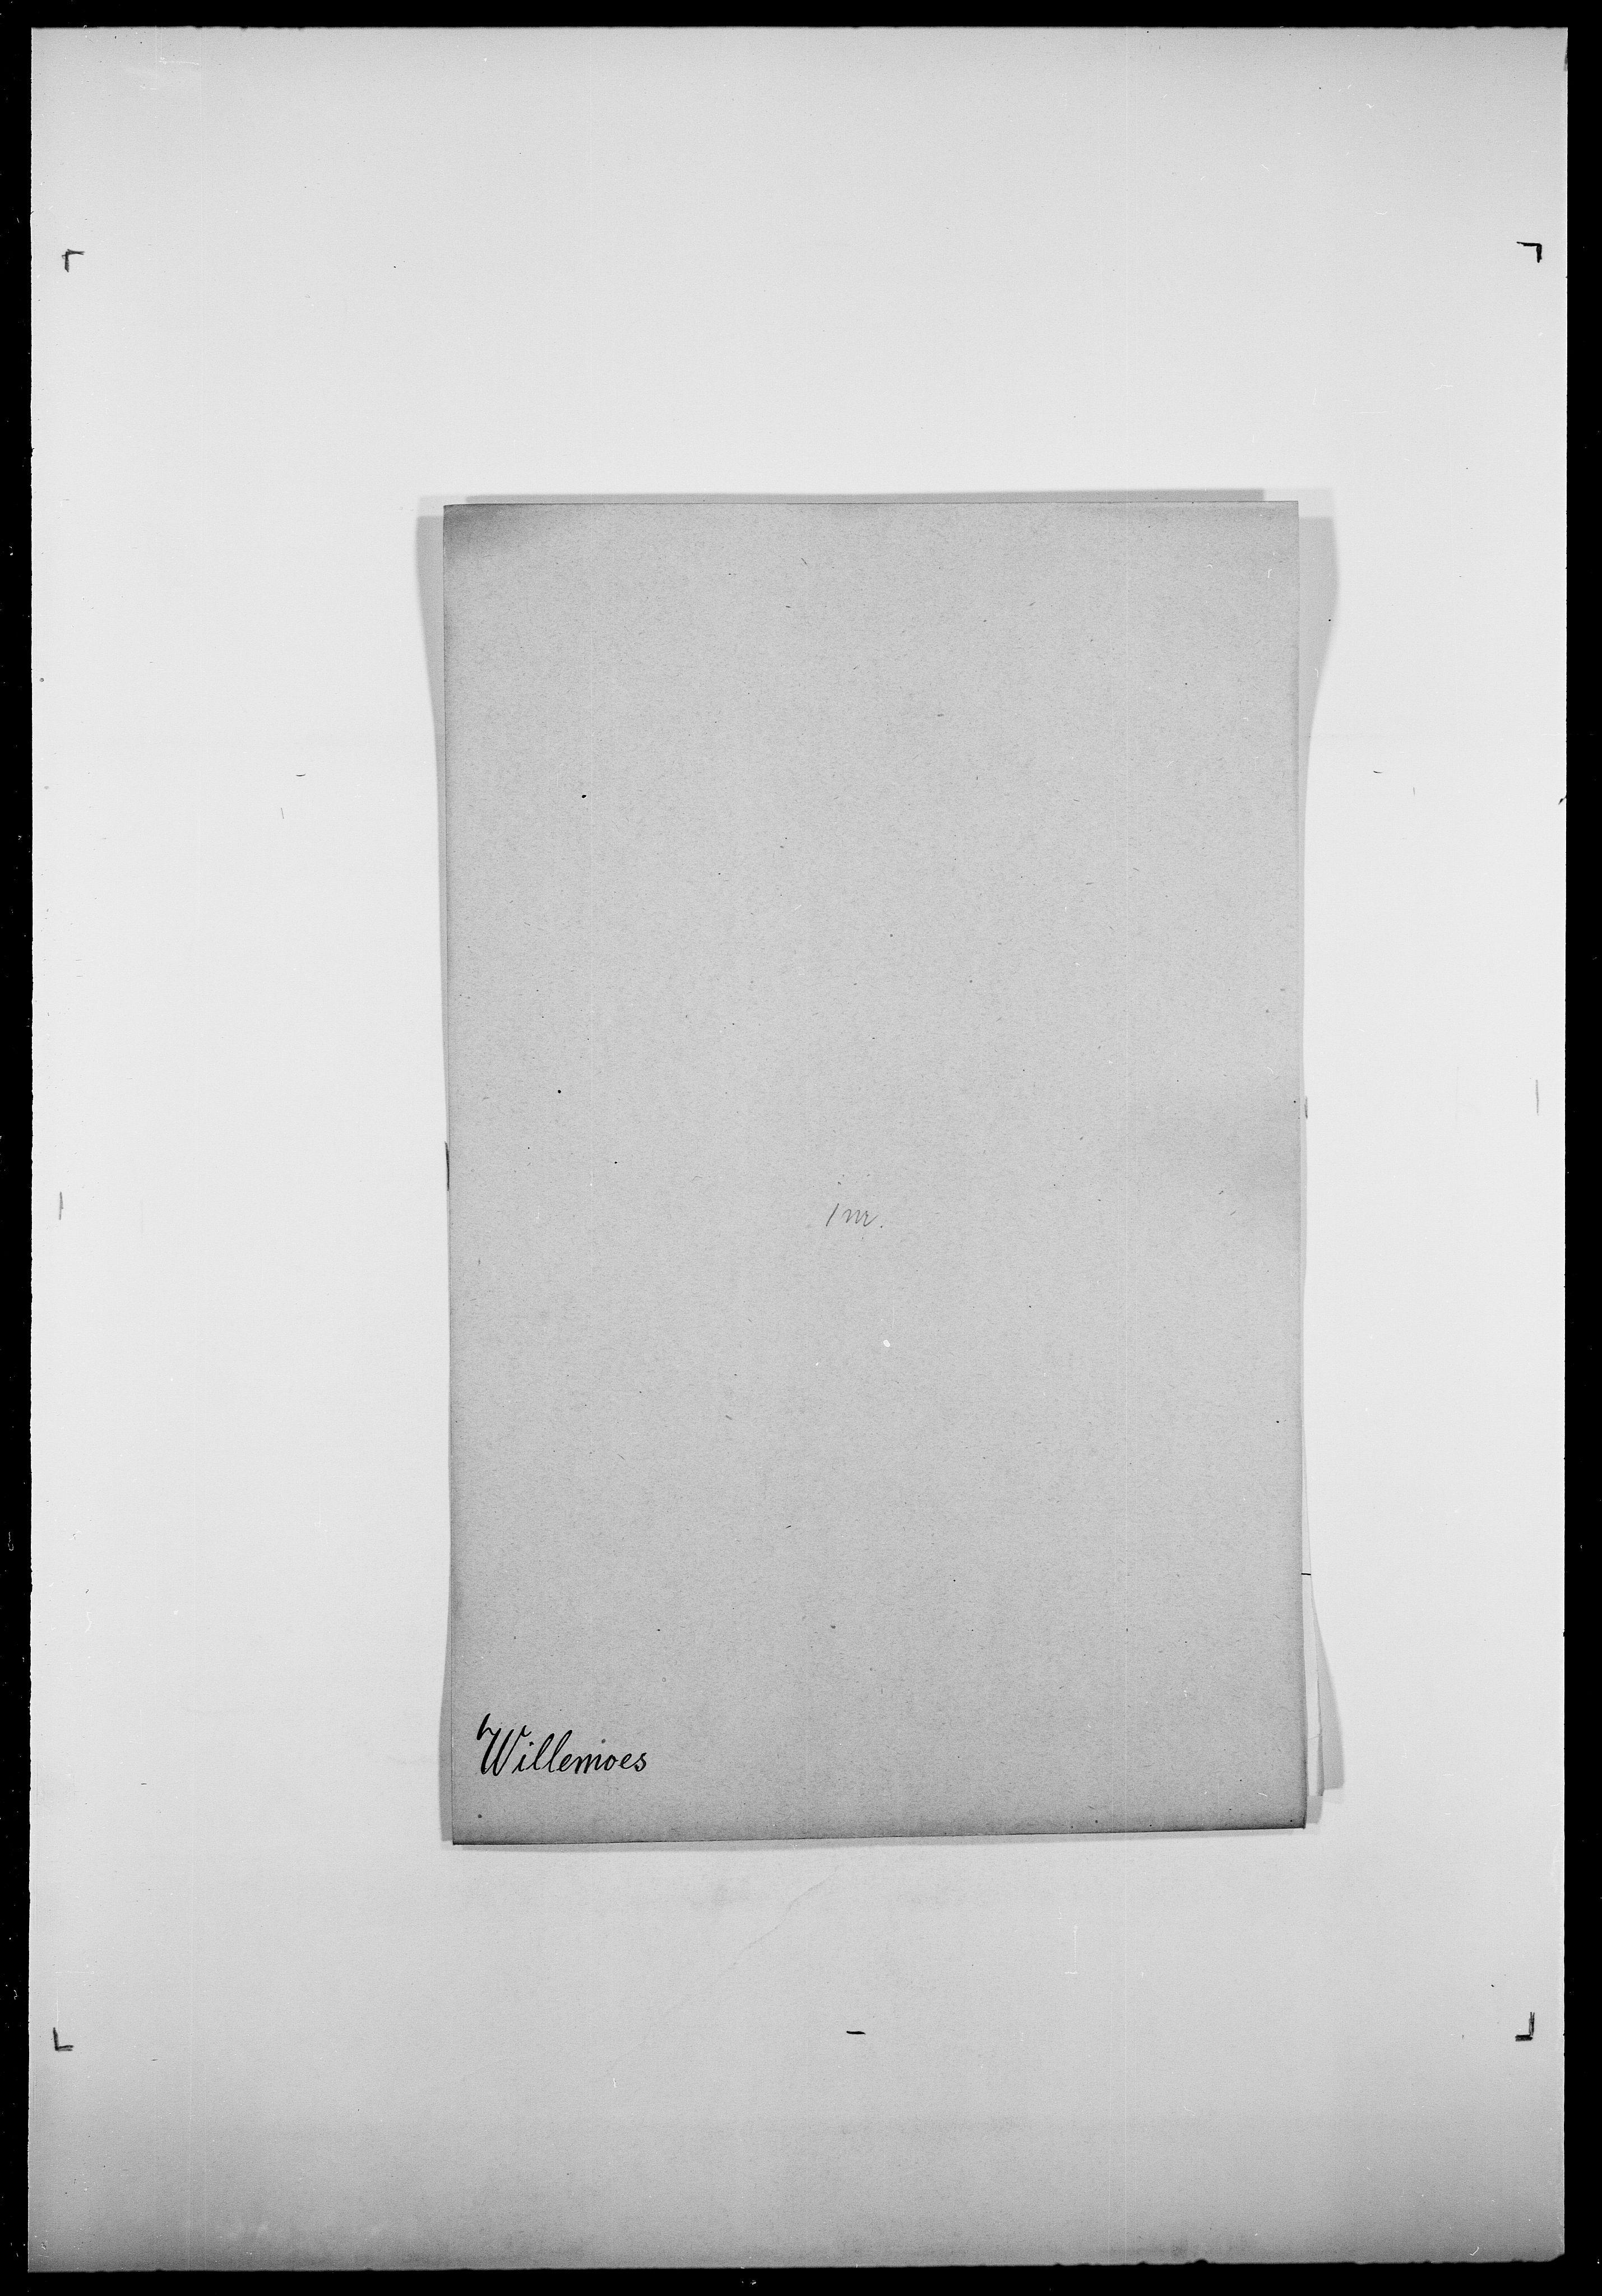 SAO, Delgobe, Charles Antoine - samling, D/Da/L0042: Vilain - Wulf, Wulff, se også Wolf, s. 85